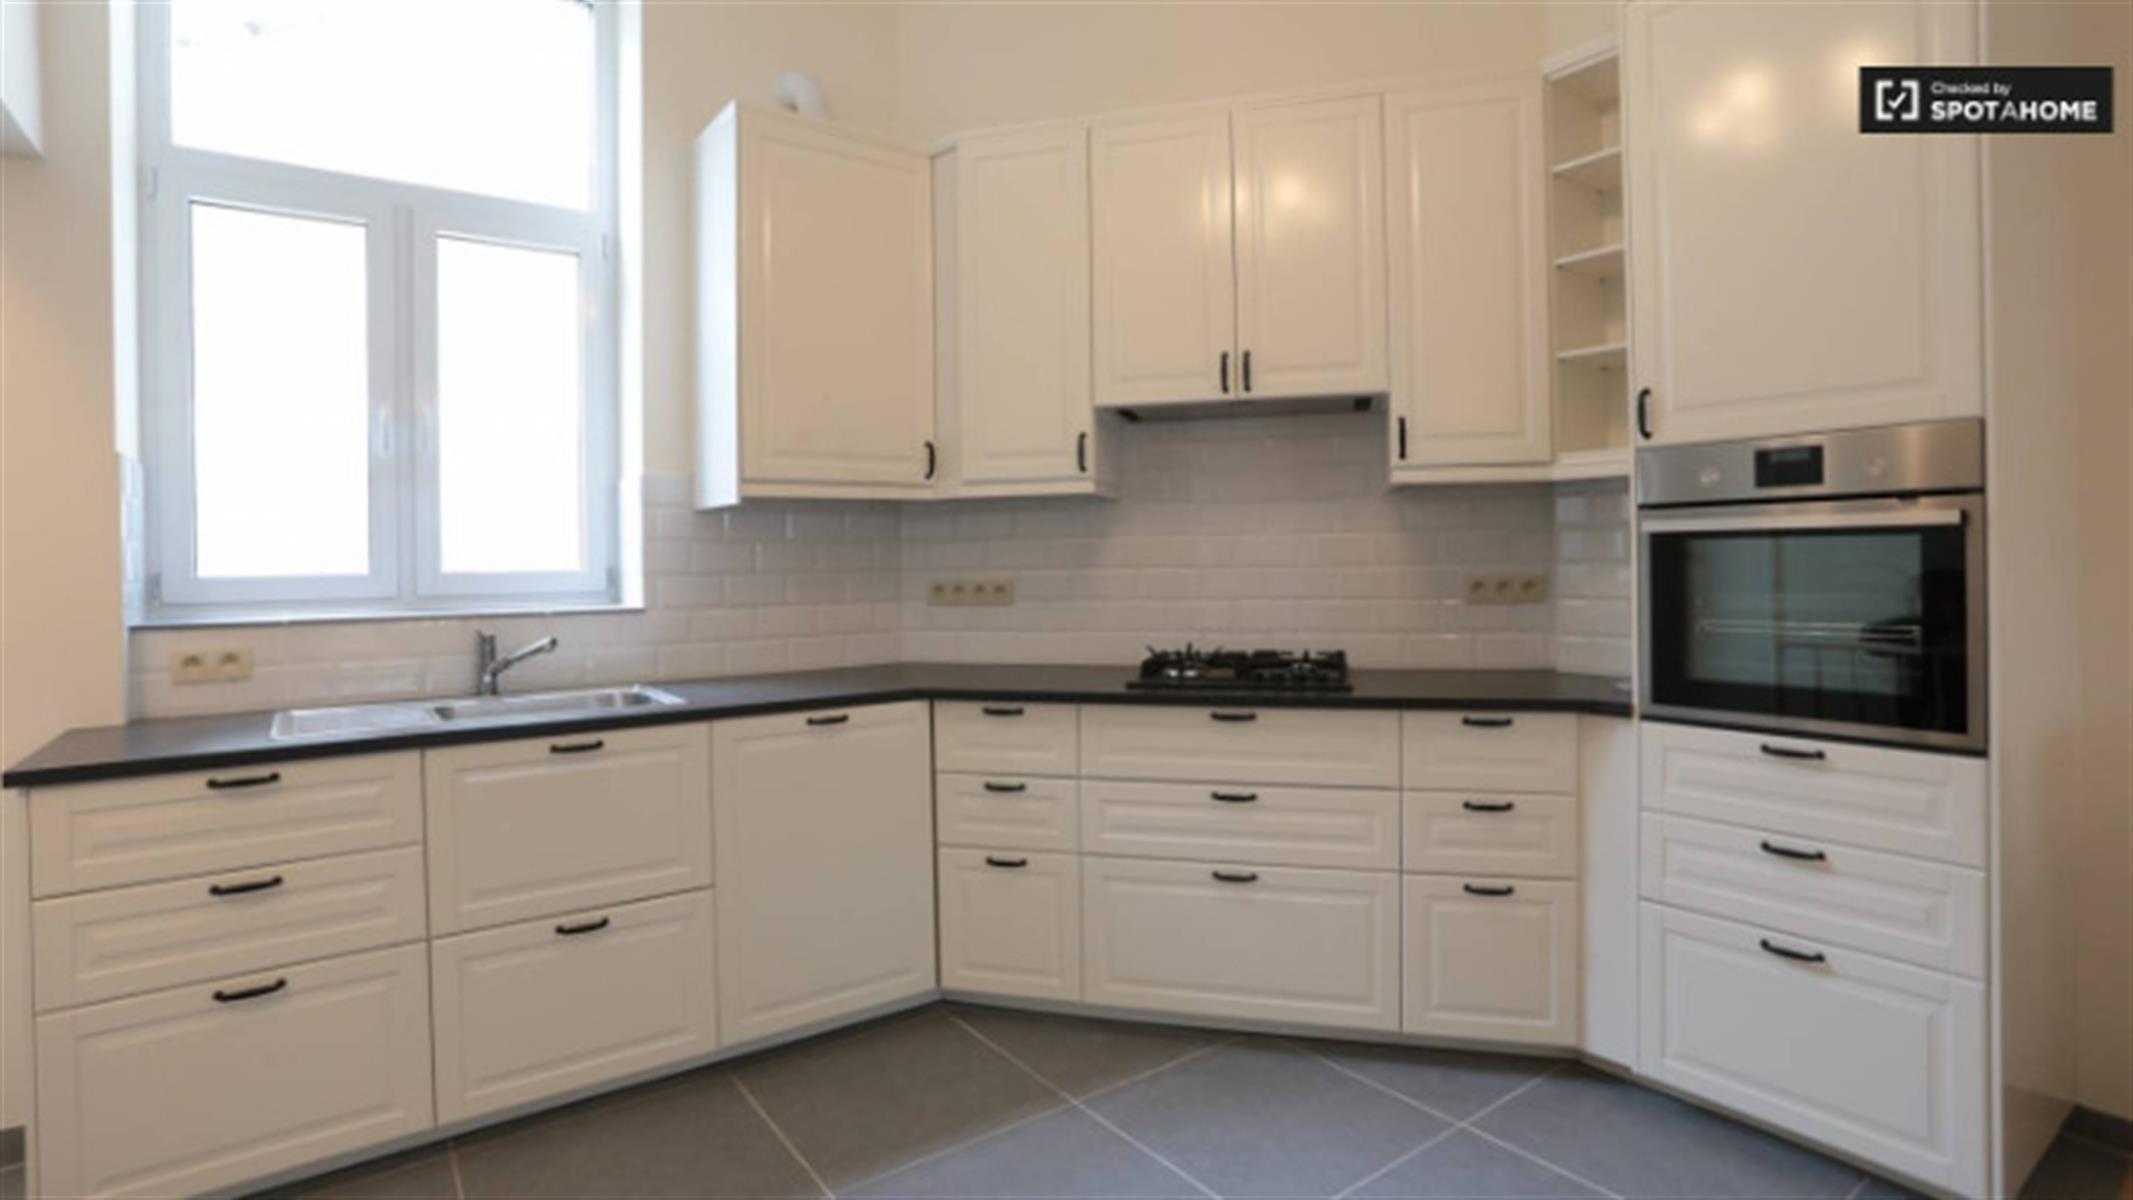 Duplex - Ixelles - #4150164-7